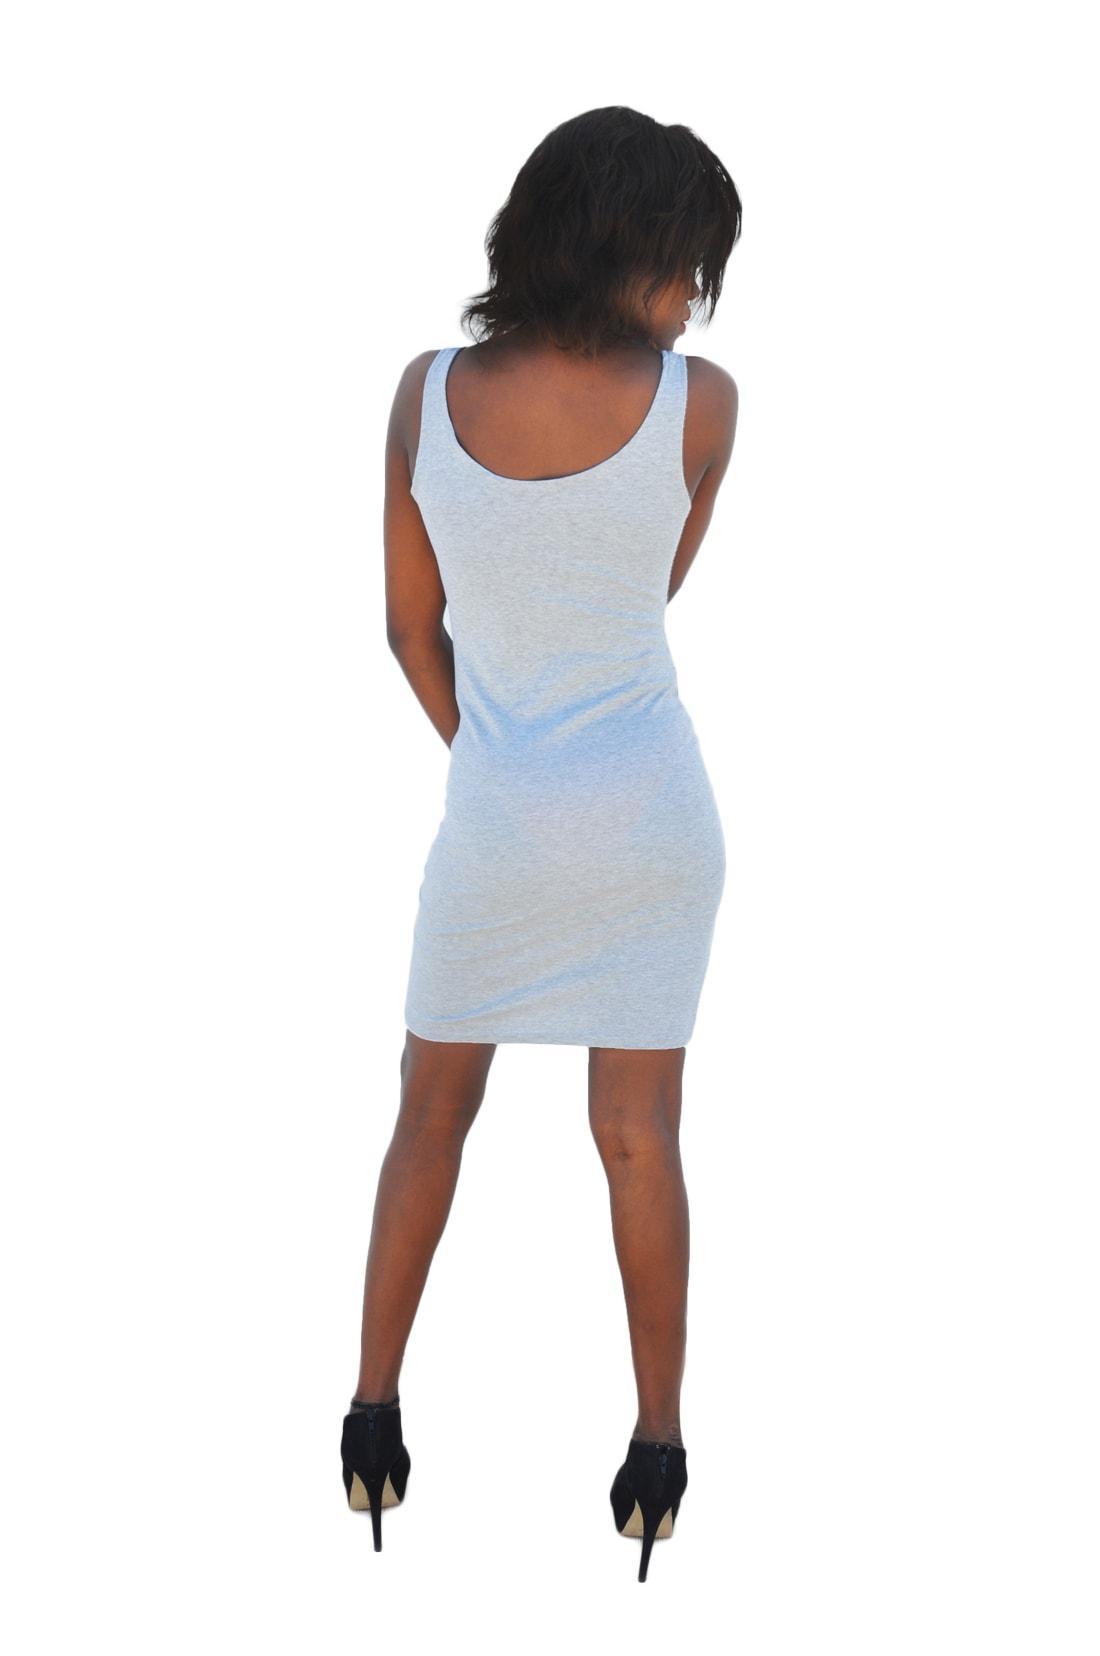 M0204 gray3 Sleeveless Dresses maureens.com boutique